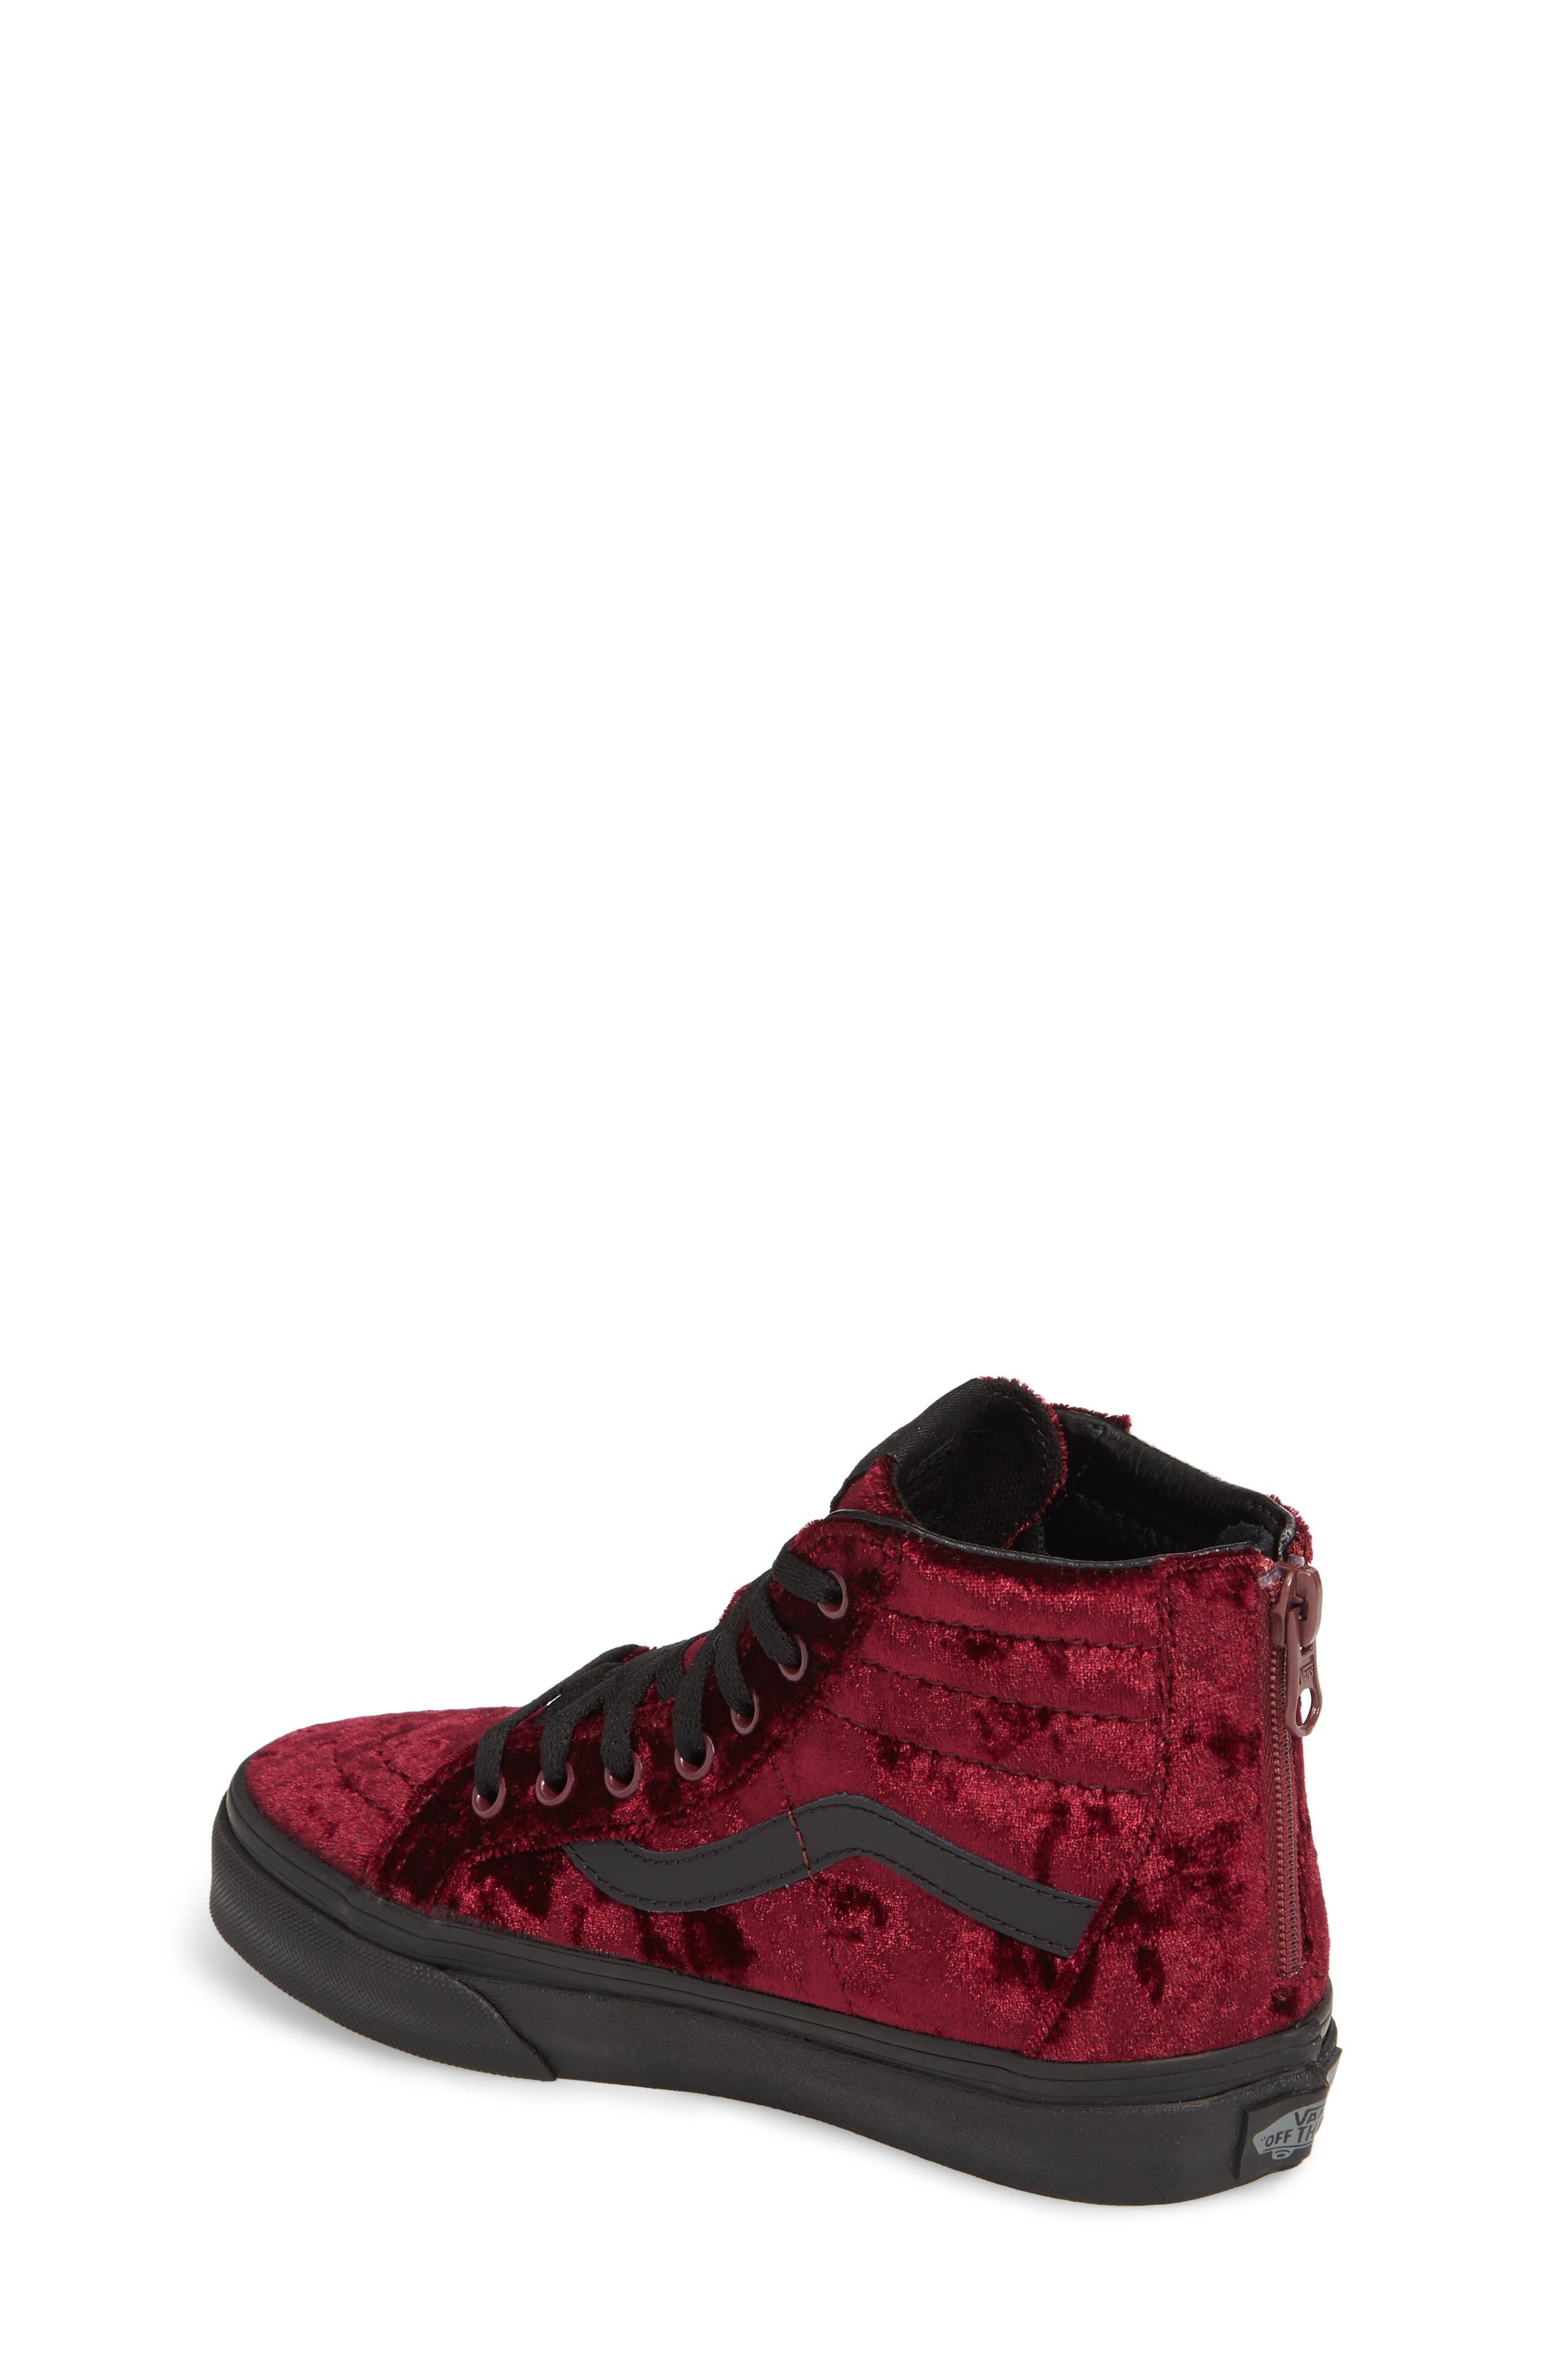 SK8-Hi Zip Sneaker,                             Alternate thumbnail 6, color,